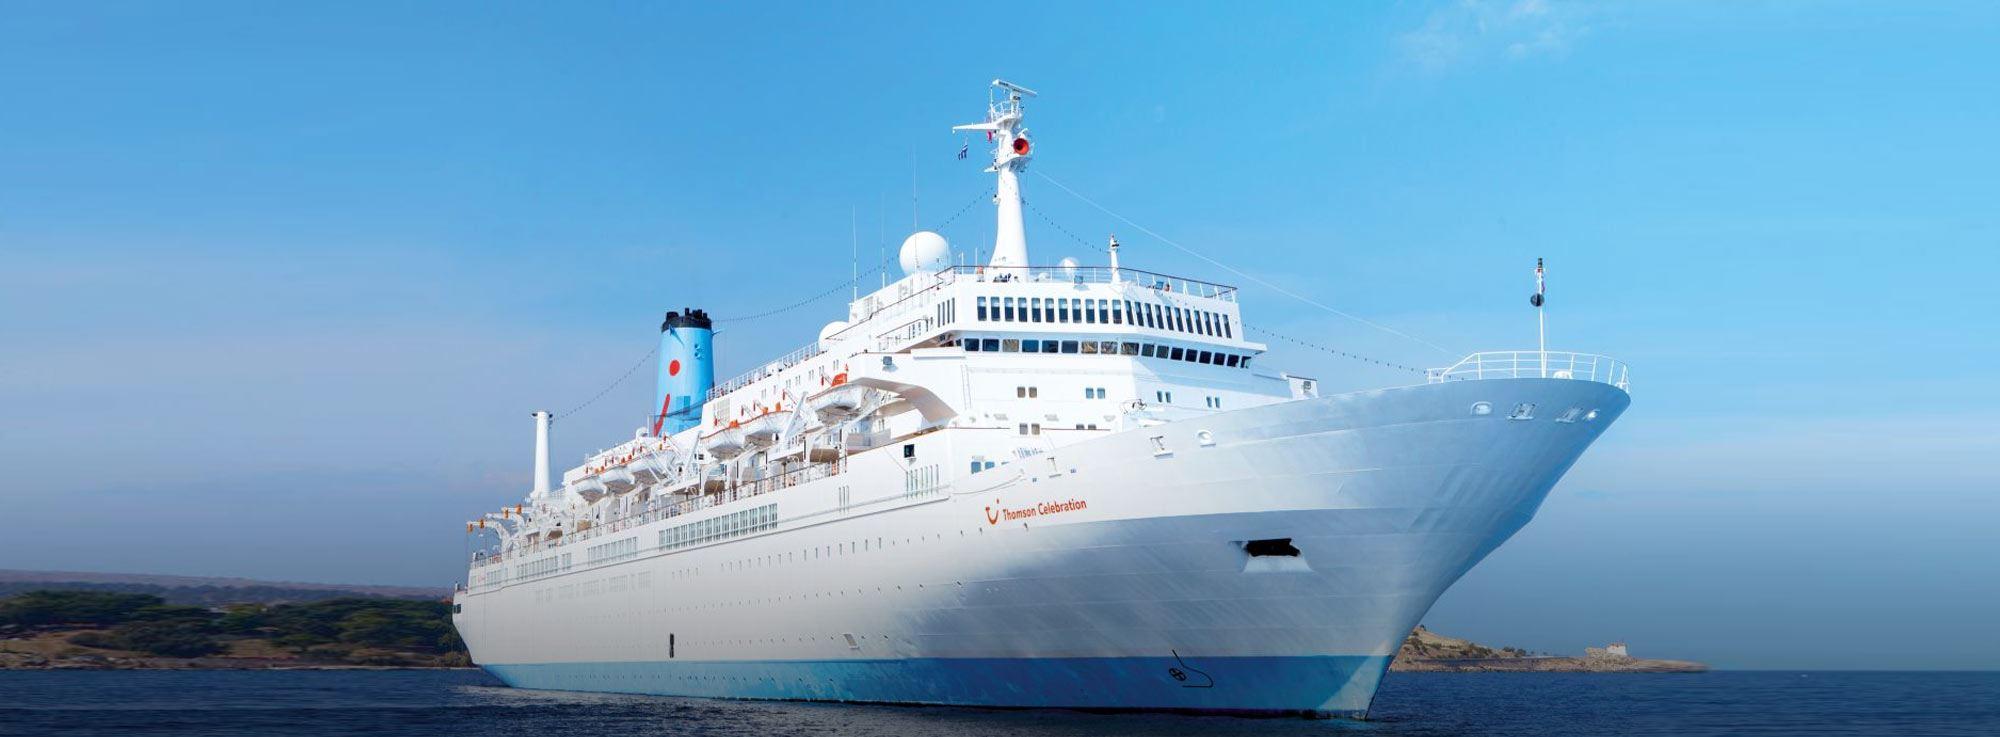 Porto di Taranto, storica prima volta per una nave da crociera